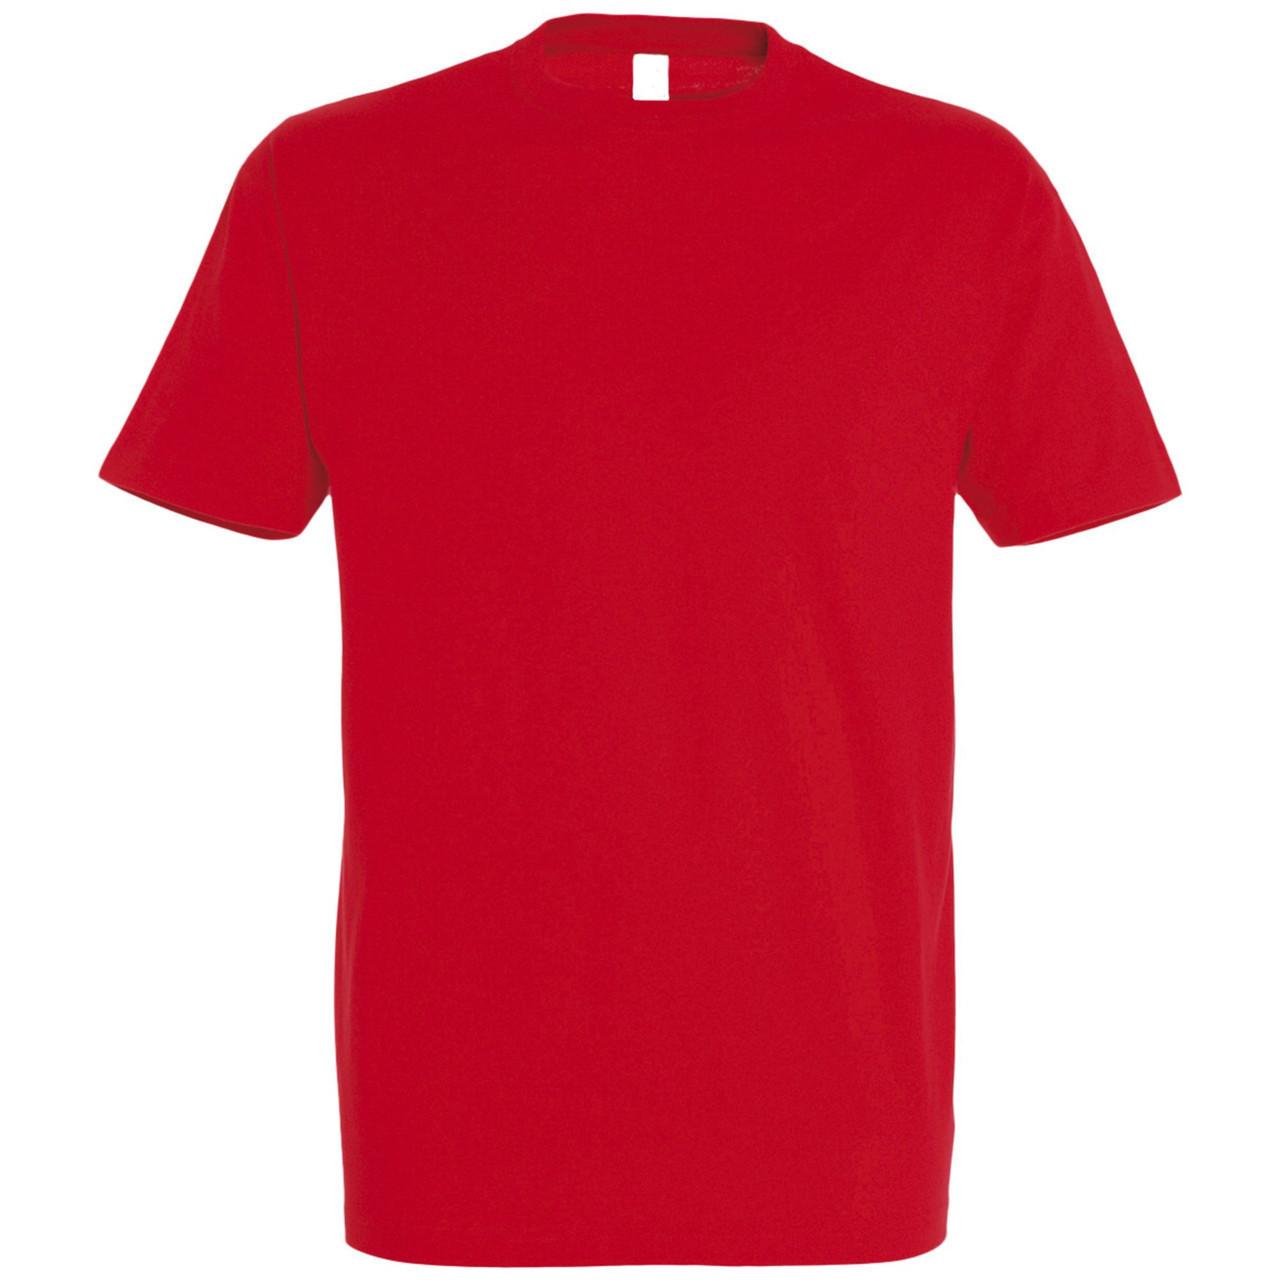 Oднотонная футболка | Красная | 160 гр. | XL